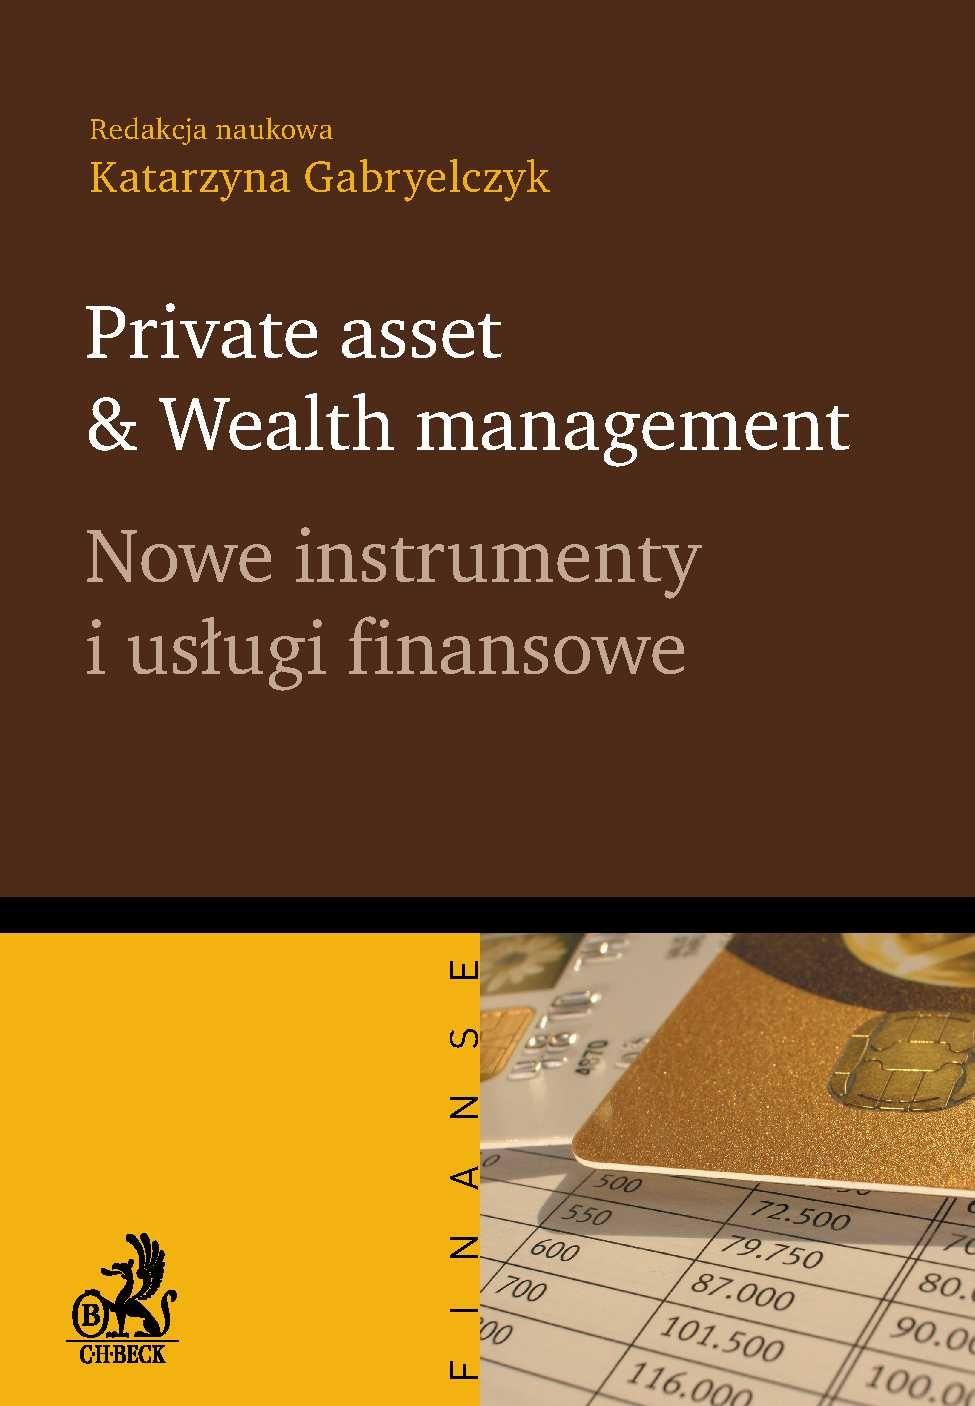 Private asset & Wealth management. Nowe instrumenty i usługi finansowe - Ebook (Książka PDF) do pobrania w formacie PDF